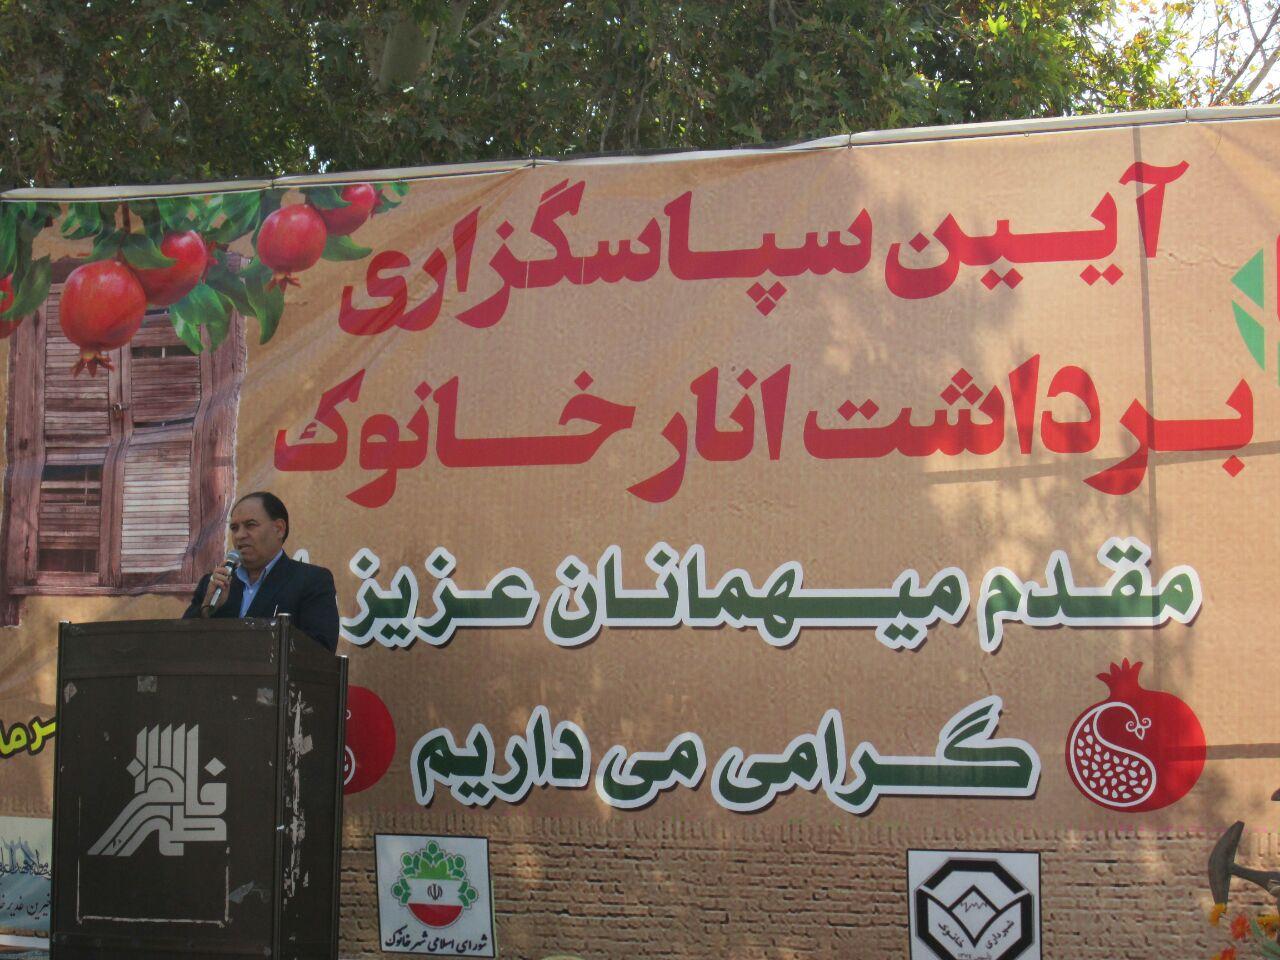 جشنواره آیین سپاسگذاری برداشت انار خانوک